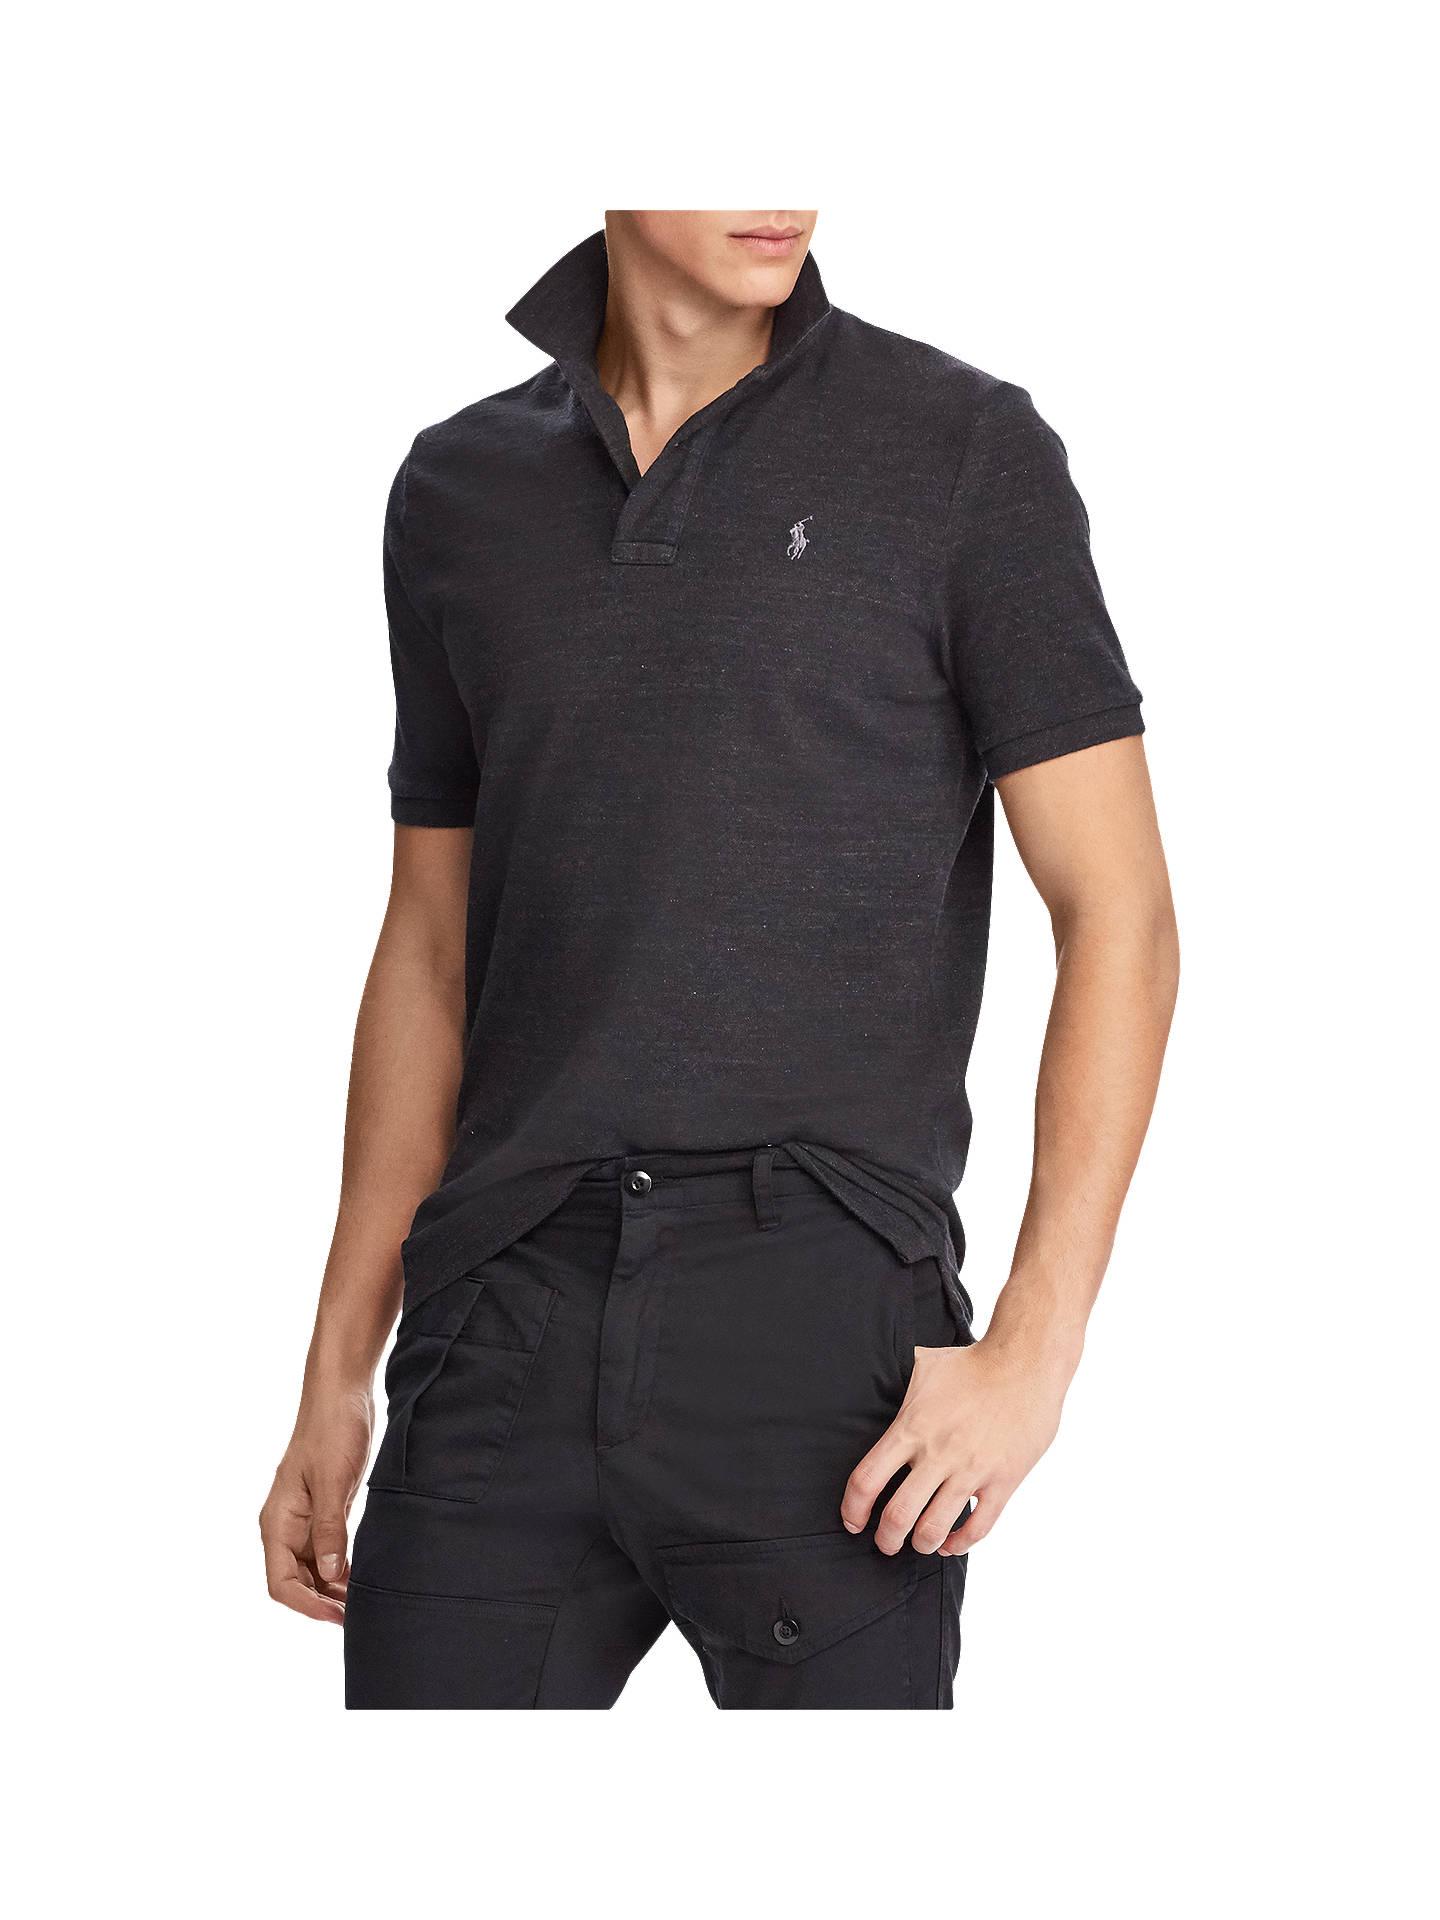 c5a9ae0fbb93a Polo Ralph Lauren Custom Slim Polo Shirt at John Lewis   Partners